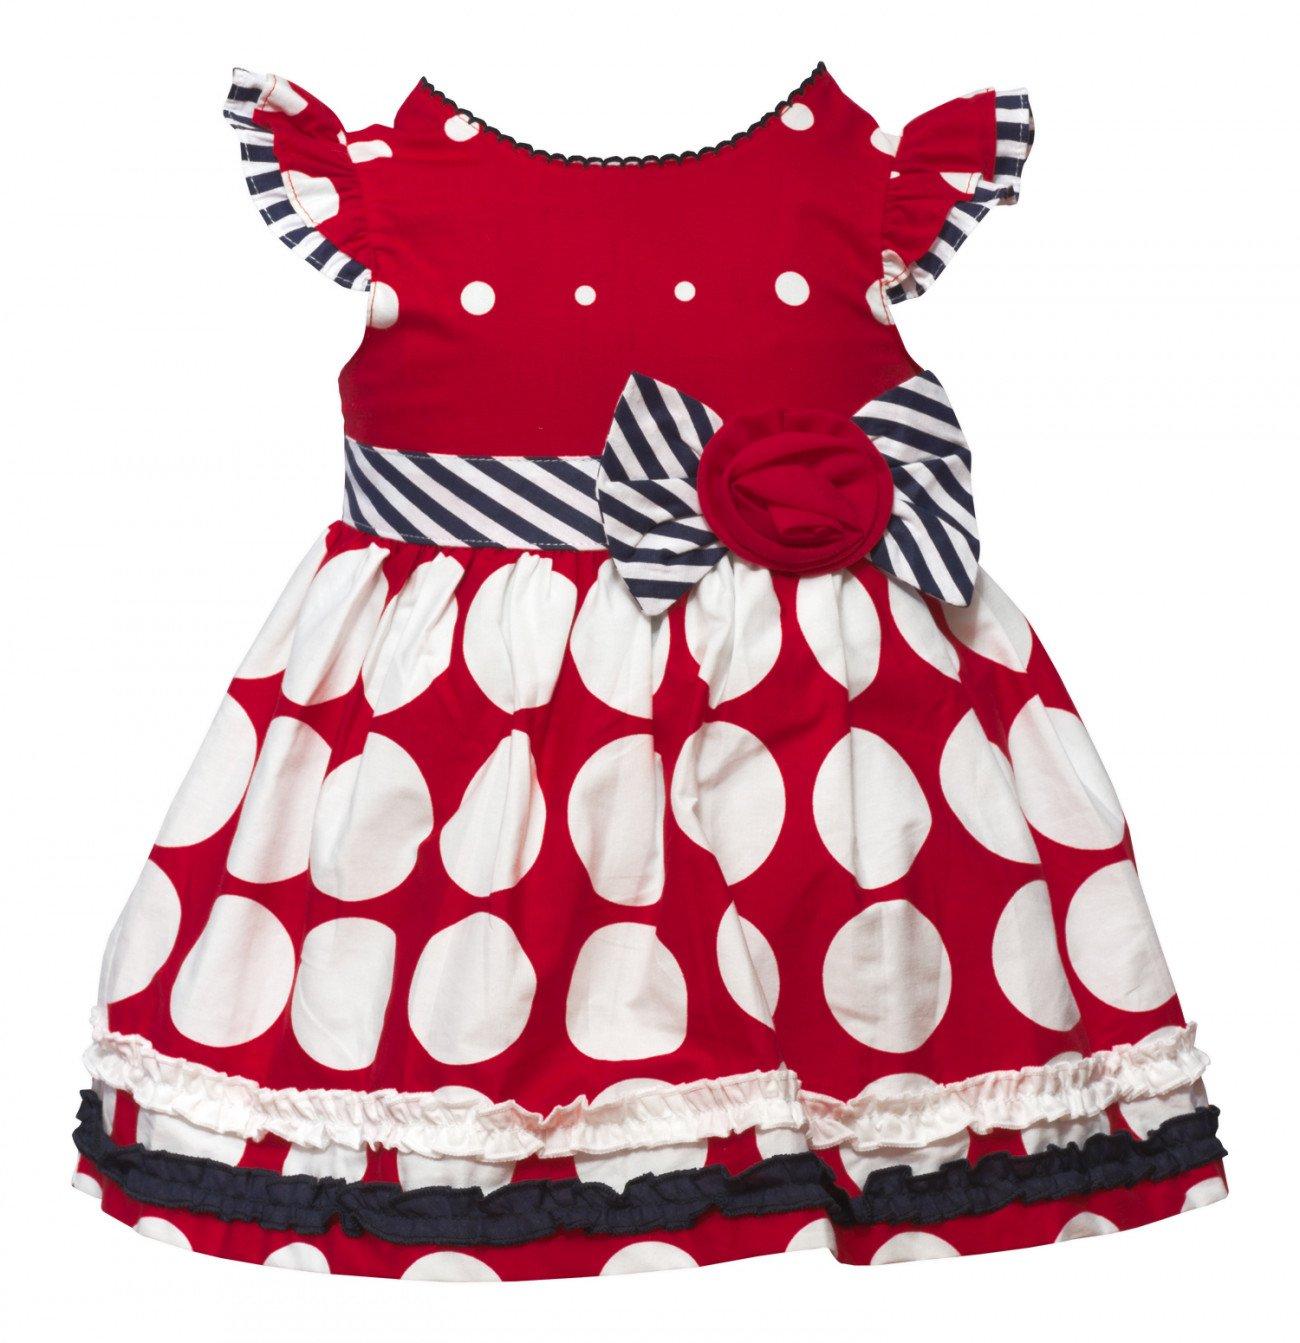 83e2c62f818 Красного цвета платье в белый горох в наборе с трусиками купить ...